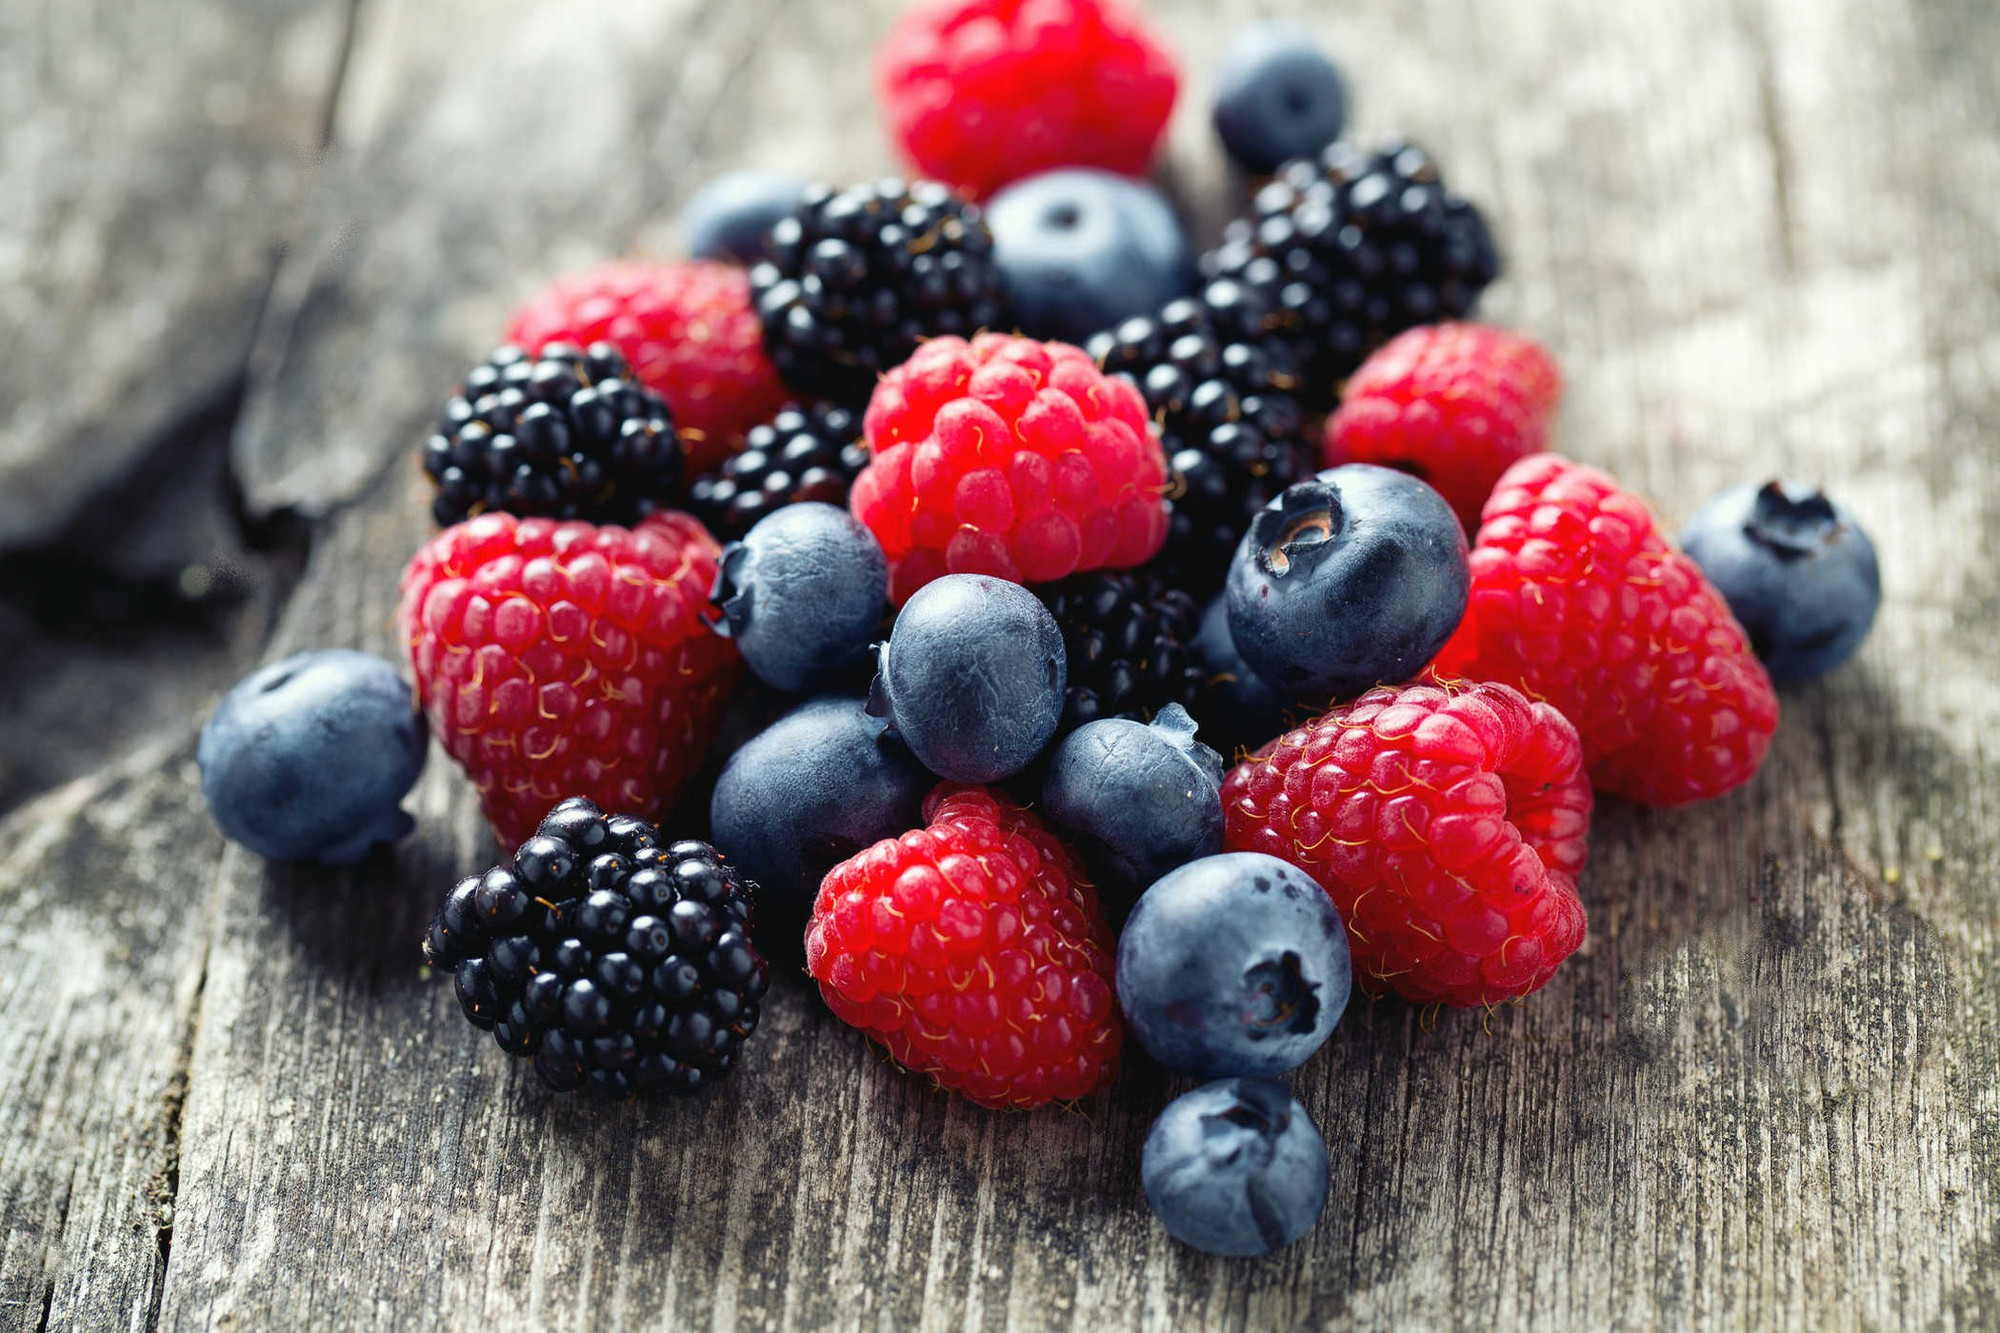 9 loại thực phẩm giúp bảo vệ tim mạch mà bạn cần bổ sung thường xuyên - Ảnh 6.